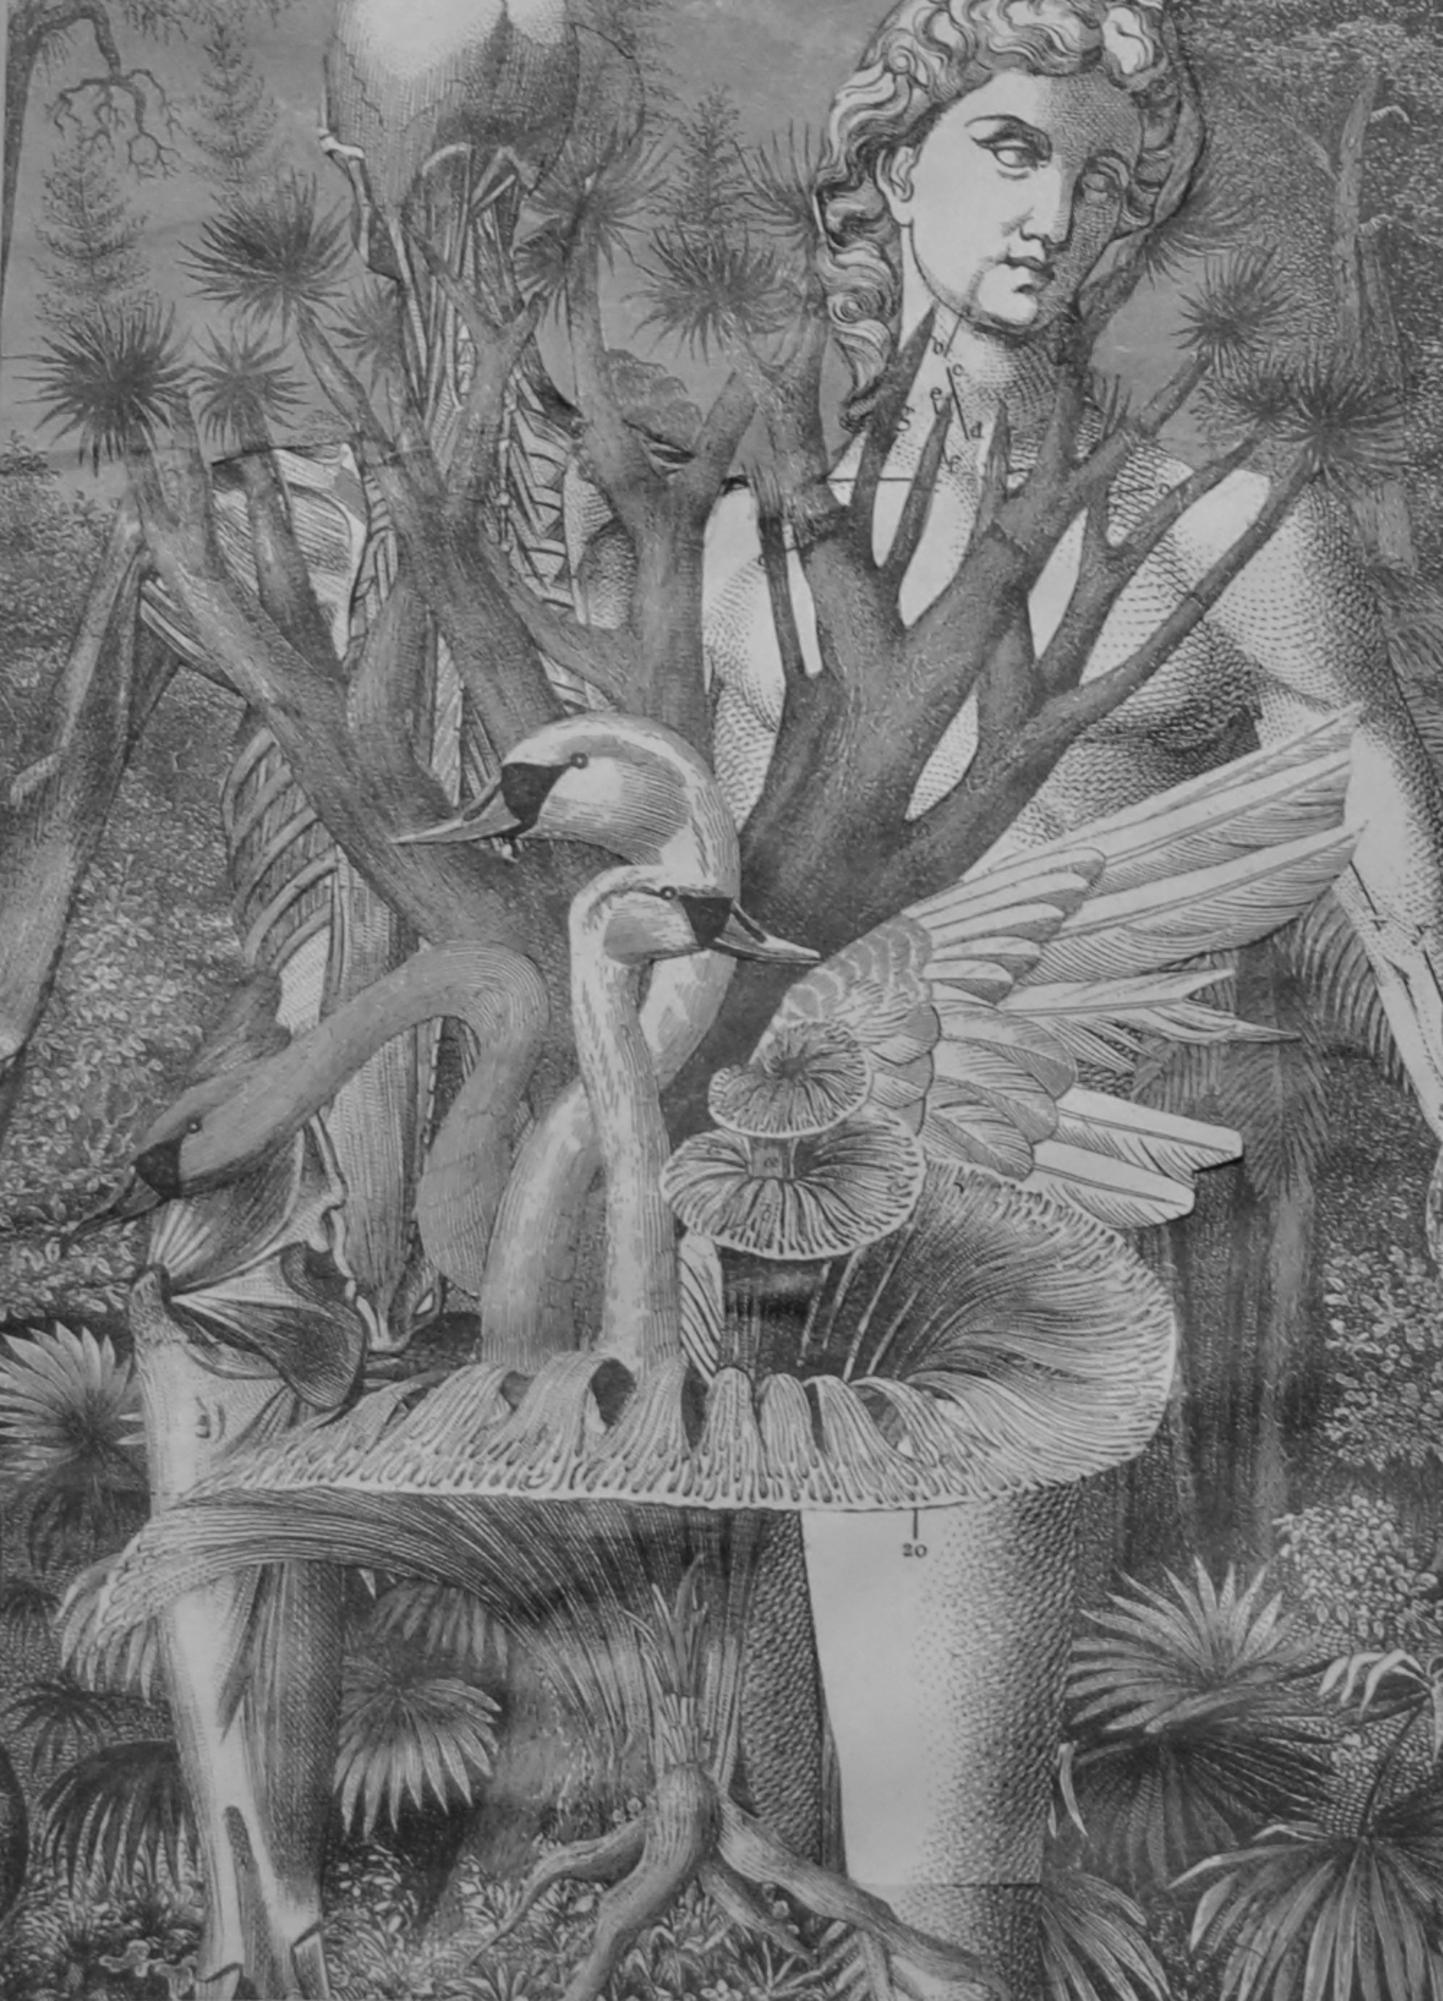 Swans @Imago gallery, Warren, RI